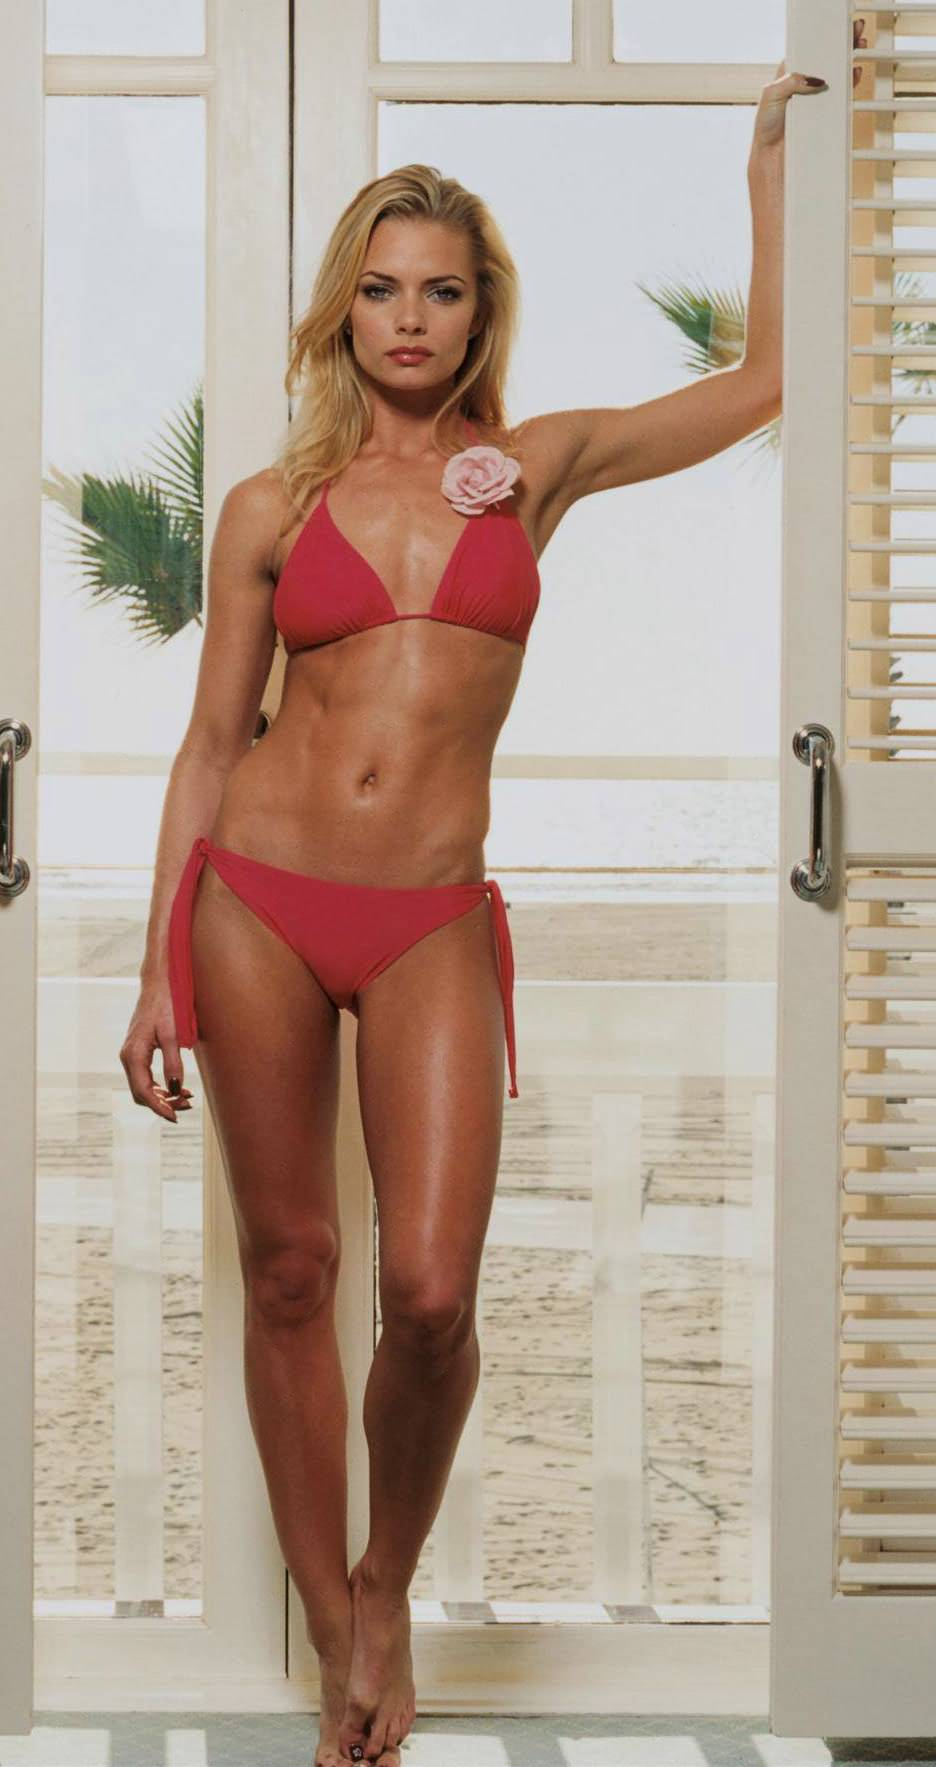 Jaime Presley in red Bikini